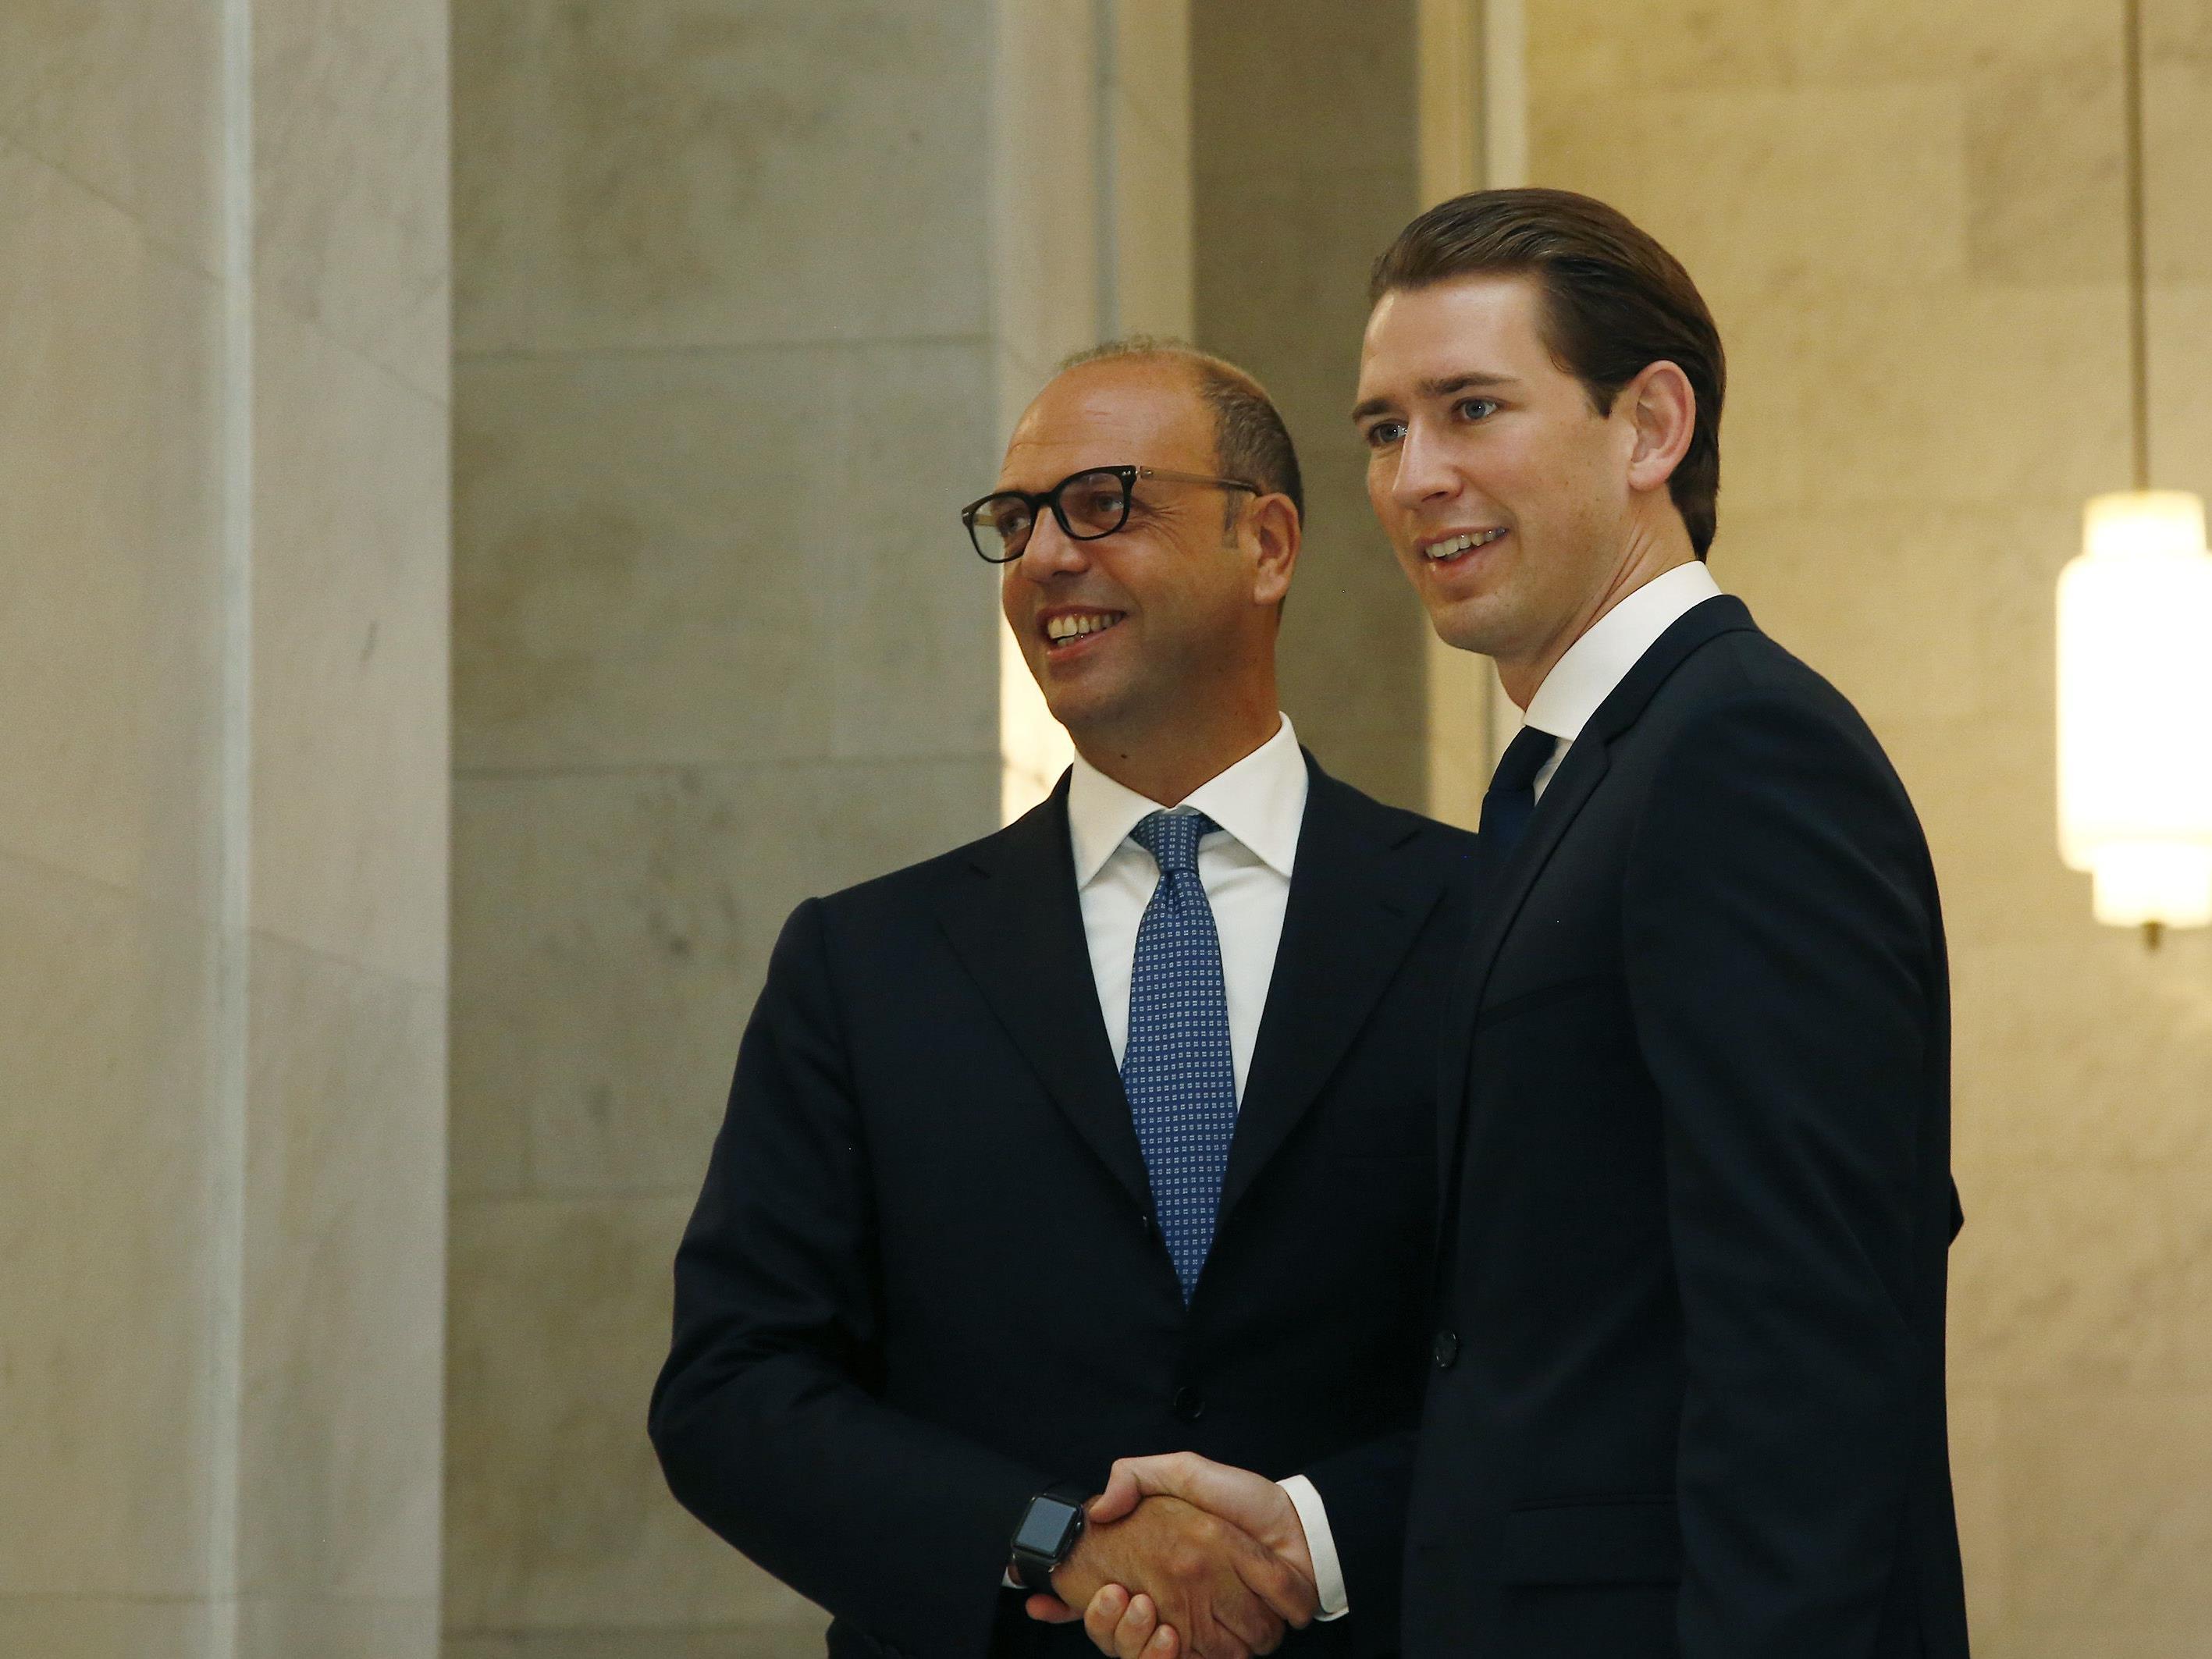 Außenminister Sebastian Kurz trifft den italienischen Außenminister Angelino Alfano KURZ NIMMT AN DER MIGRATIONSKONFERENZ IN ROM TEIL. KURZ/ALFANO